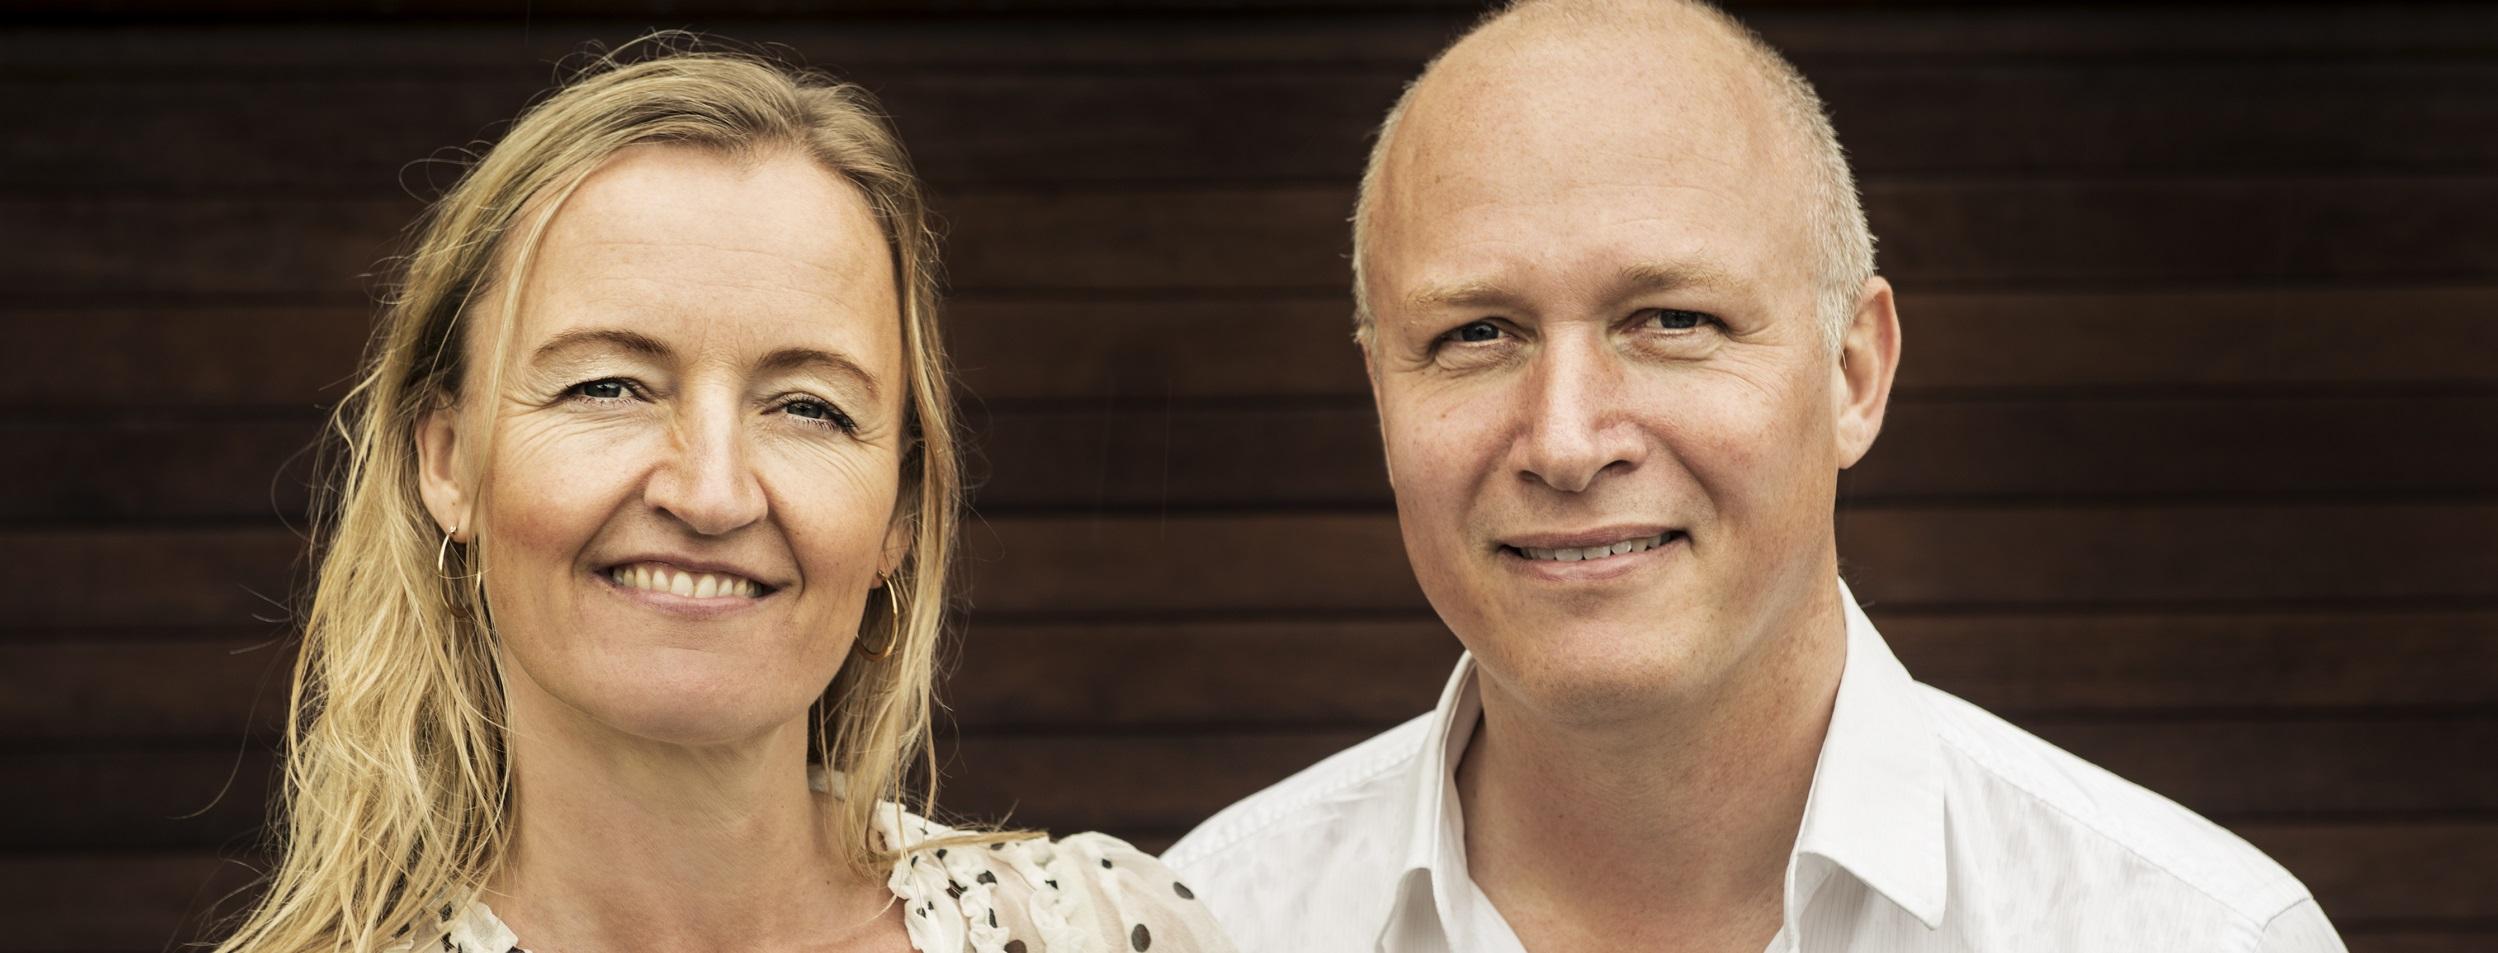 Trine Dupont & Jørn Uhrenholt